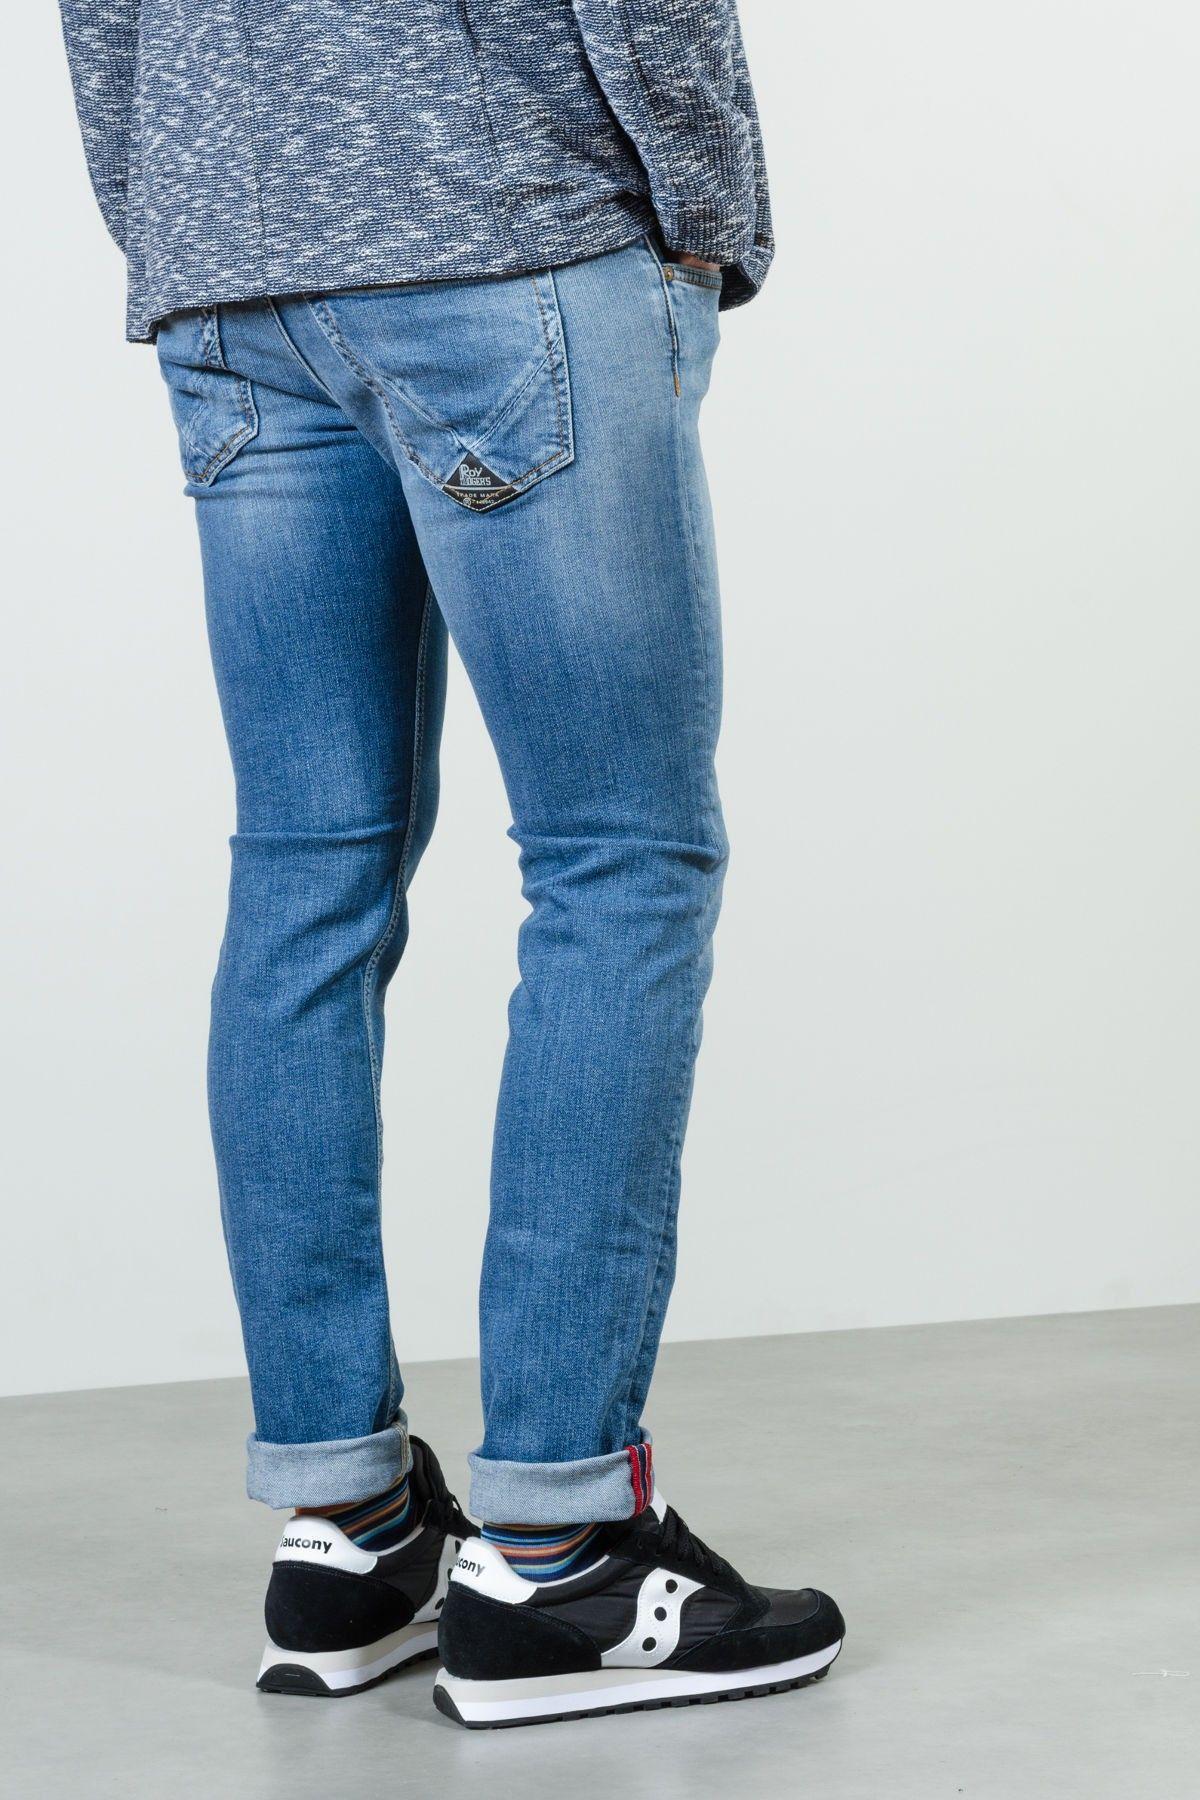 jeans-per-uomo-roy-rogers-pe17  e9150508934